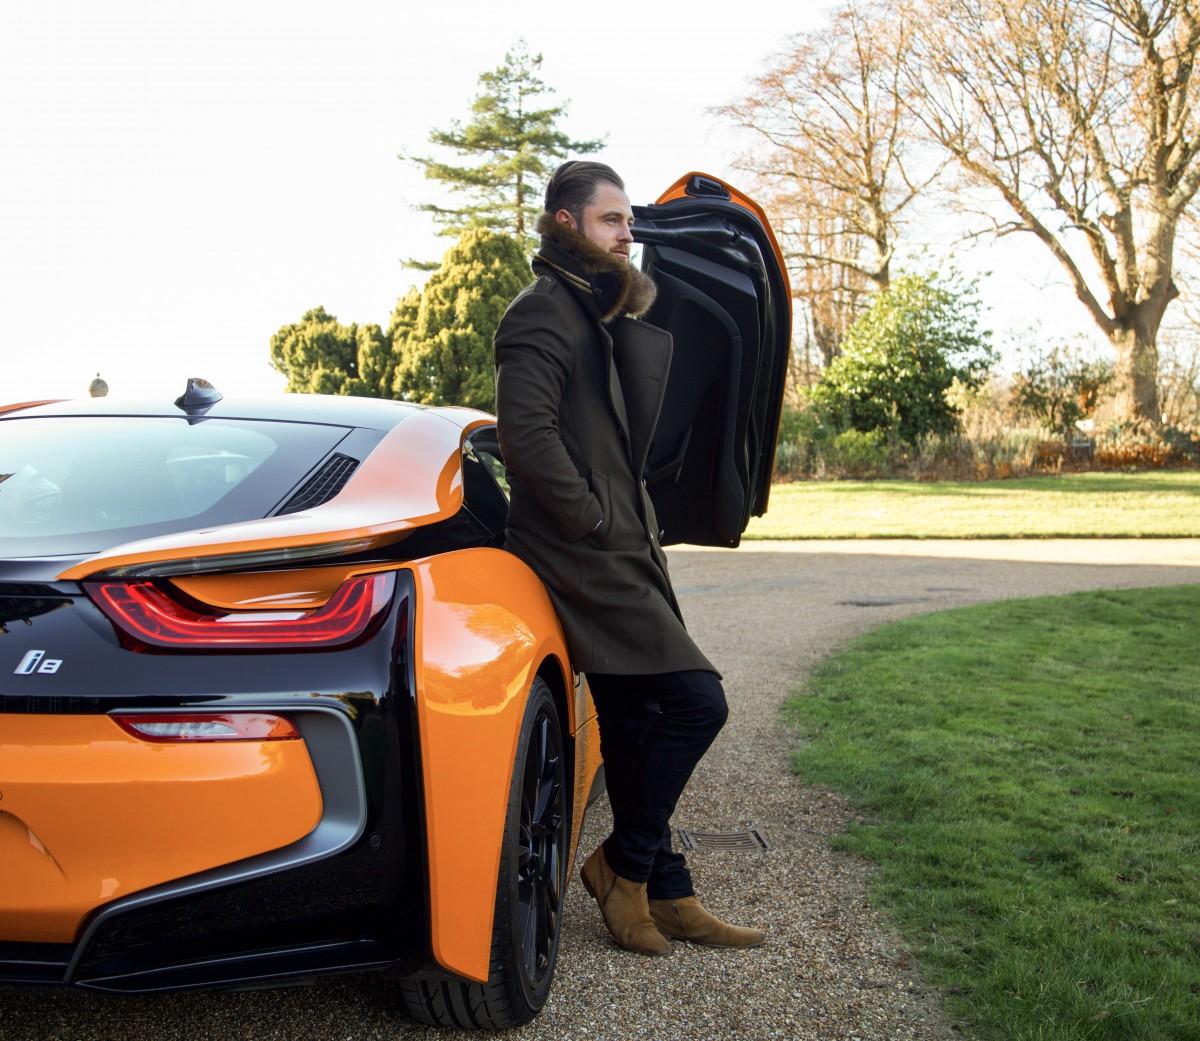 BMW i8 Fiery Orange